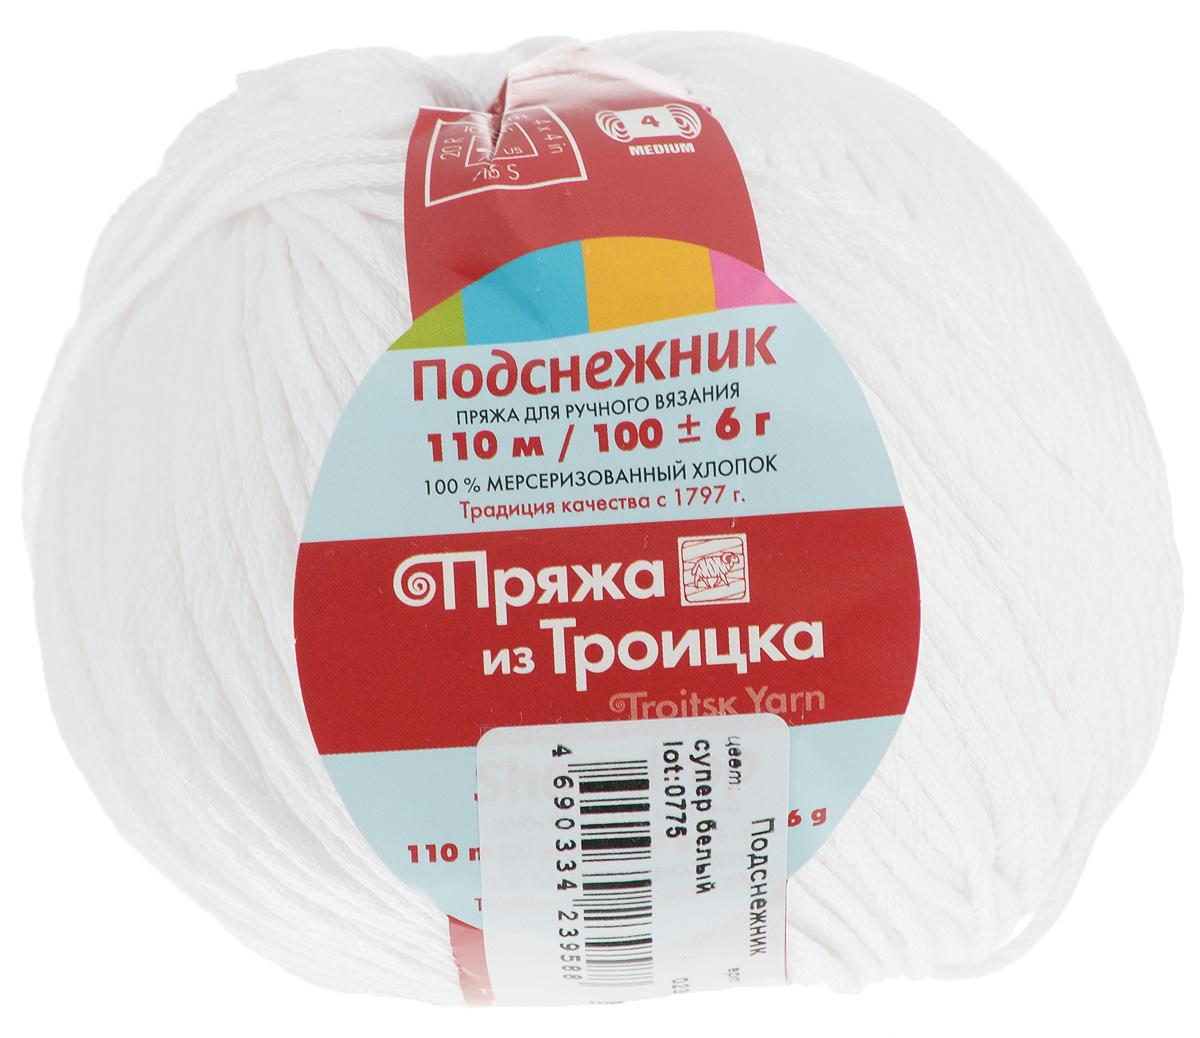 Пряжа для вязания Подснежник, цвет: супер белый (0236), 110 м, 100 г, 10 шт366132_0236Пряжа Подснежник, изготовленная из мерсеризованного хлопка, предназначена для ручного вязания. Толстая прочная пряжа плотно скручена из многих нитей. Изделия из этой пряжи не линяют и сохраняют после стирки не только цвет, но и форму. Подходит для вязания блузок, туник, платьев, болеро и другой летней повседневной и праздничной одежды. Состав: мерсеризованный хлопок. Рекомендуемые спицы: 4,5 мм.